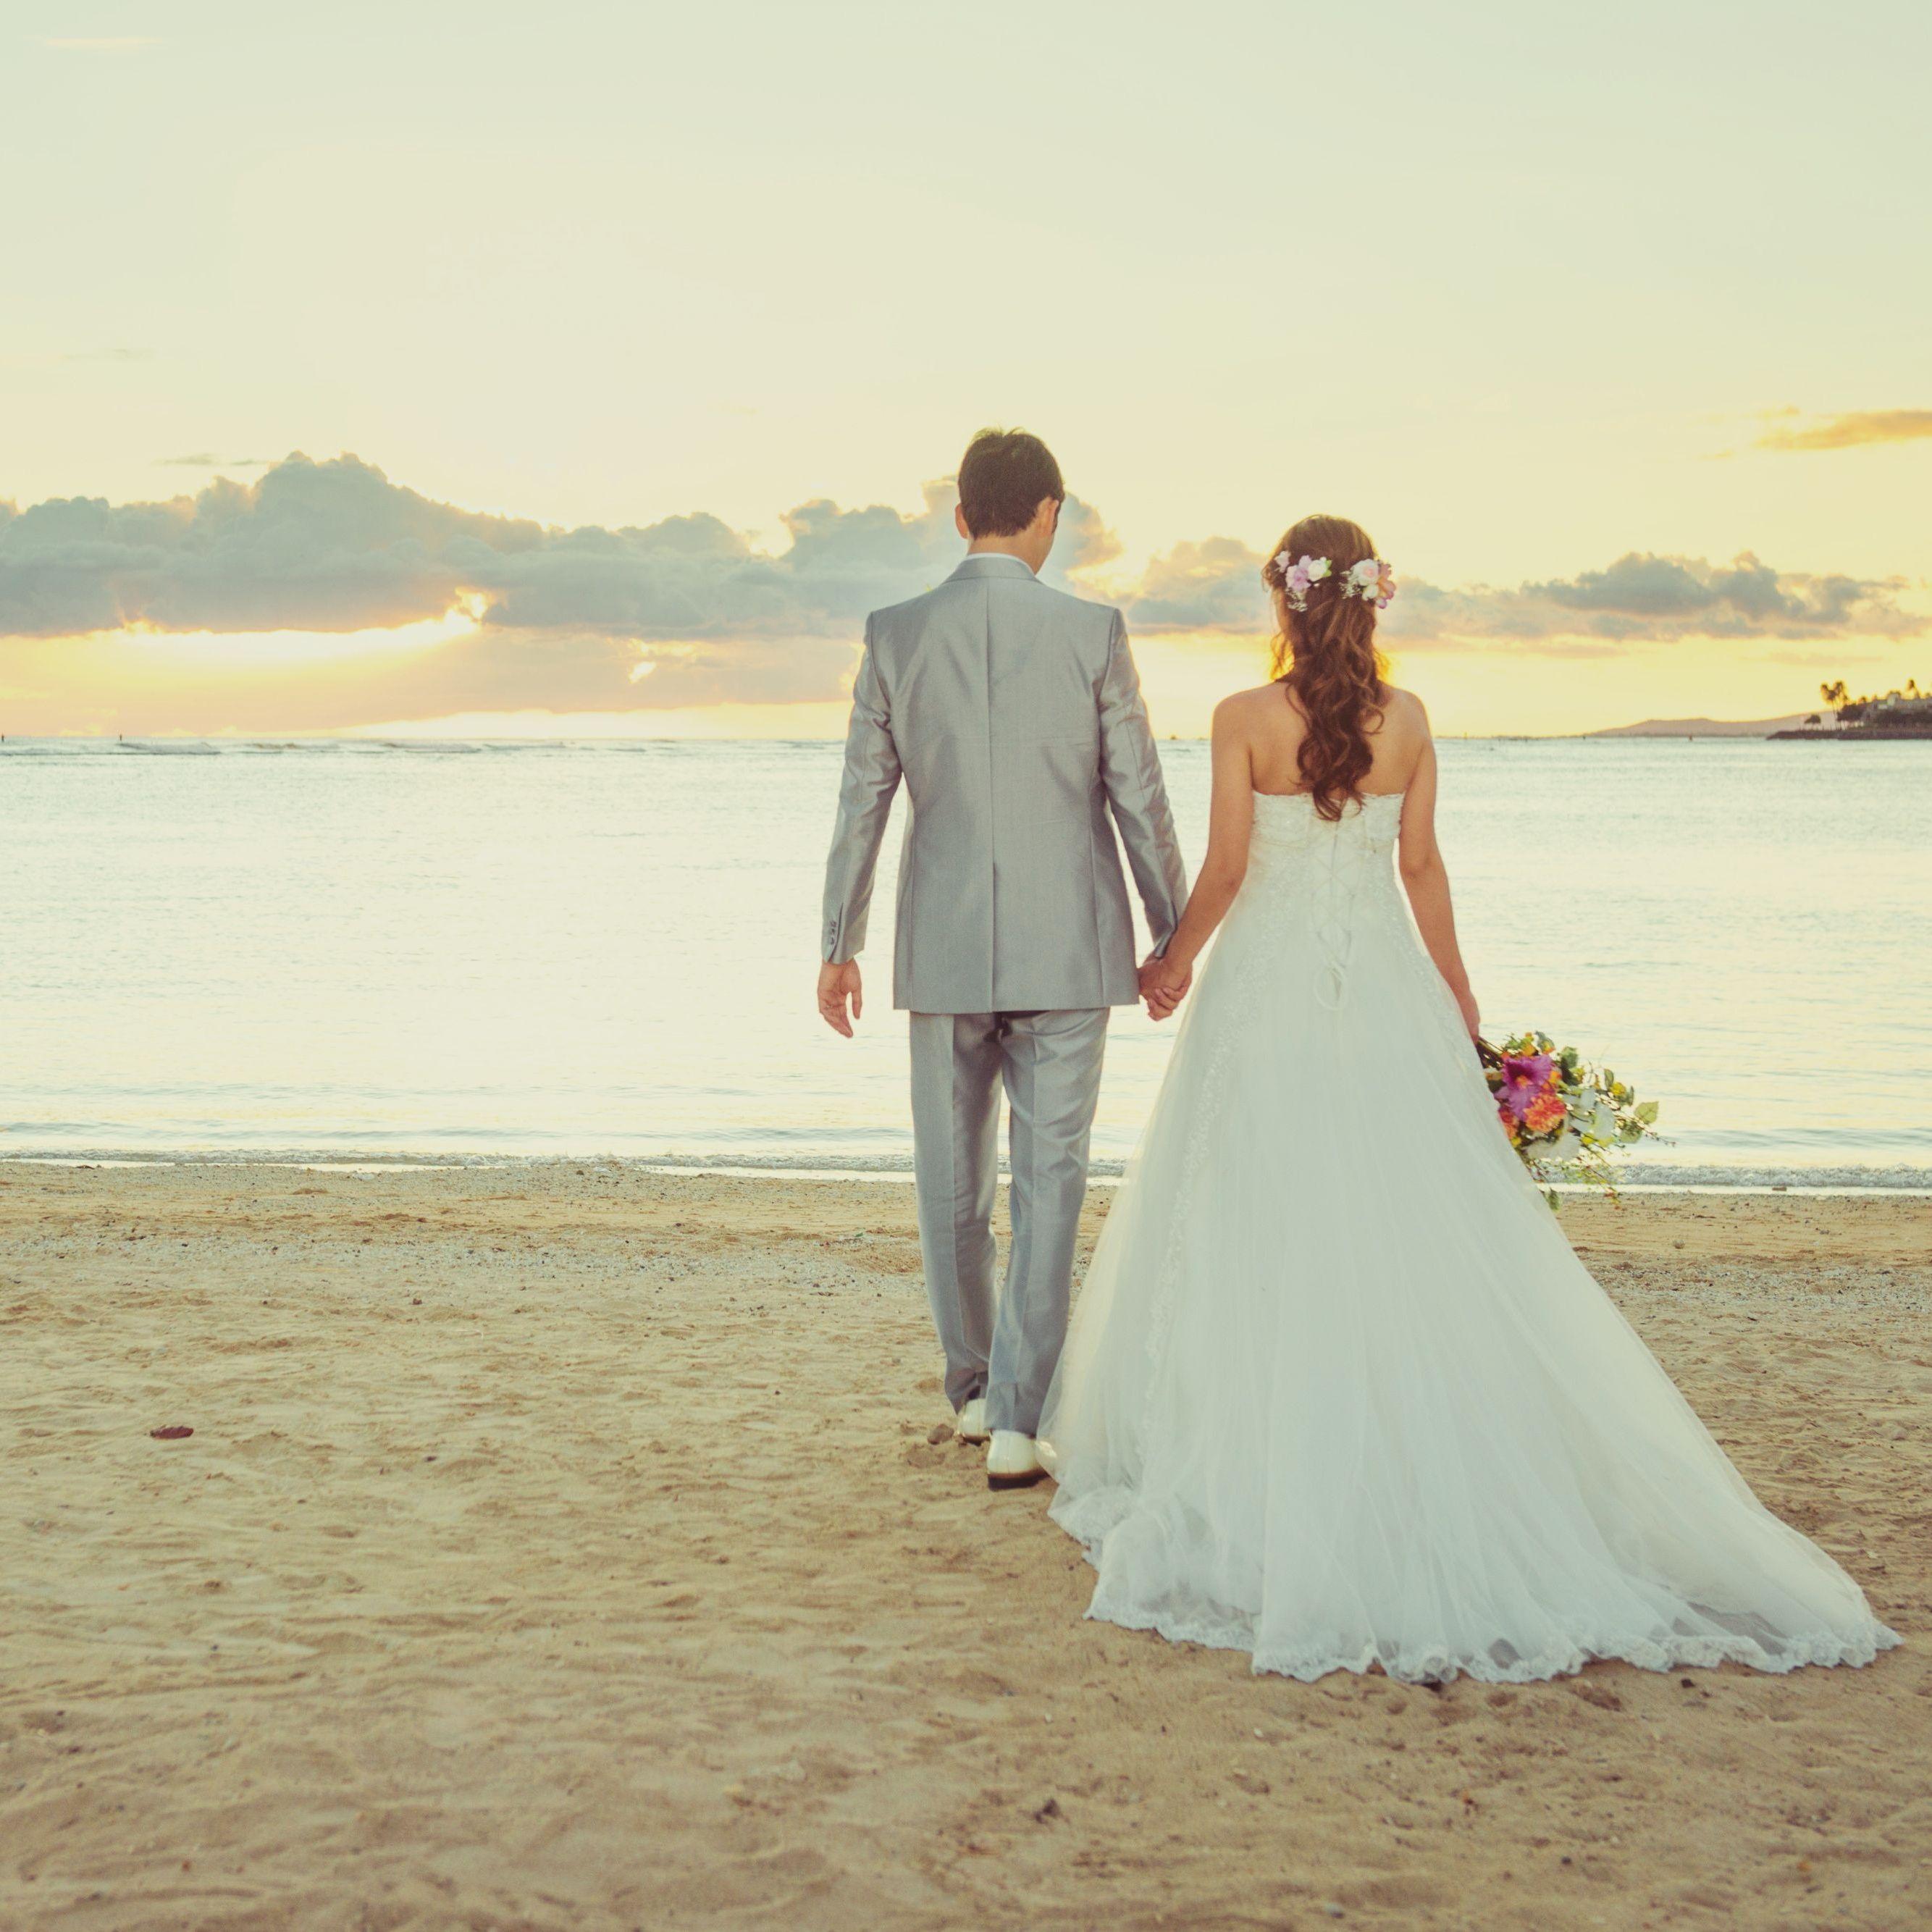 夕日 ビーチは最高の景色 二人だけの特別な景色を思い出に Magic Island Magicisland O O O O O O O Oo O フォト婚 フォト撮影 フォトアイテム 卒花 フォト婚 ハワイ ウェディング ウェディング